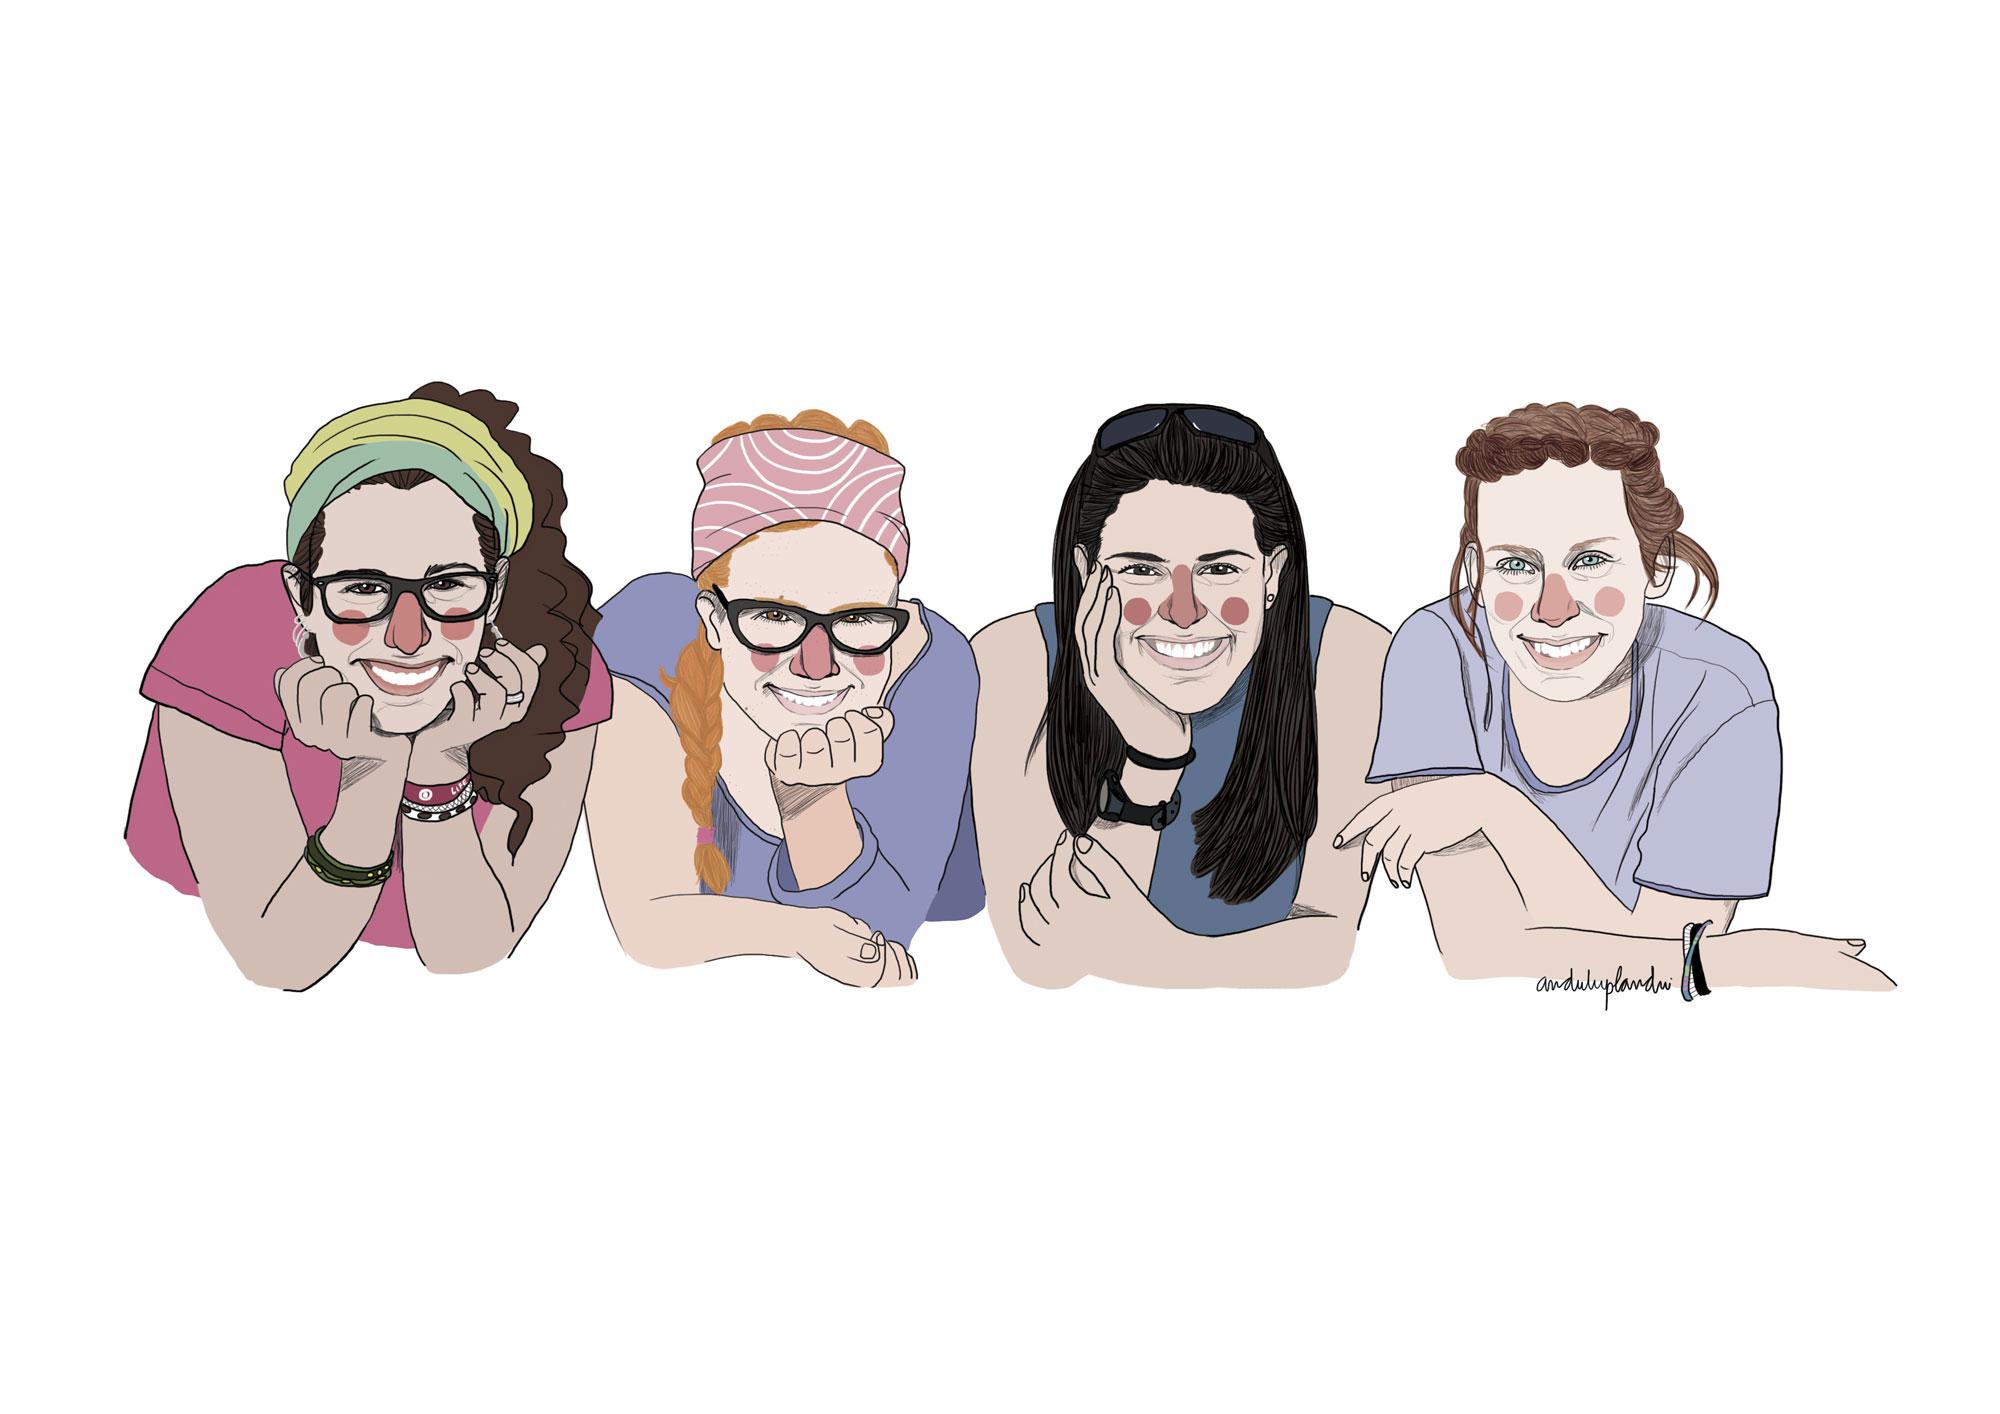 quatre noies